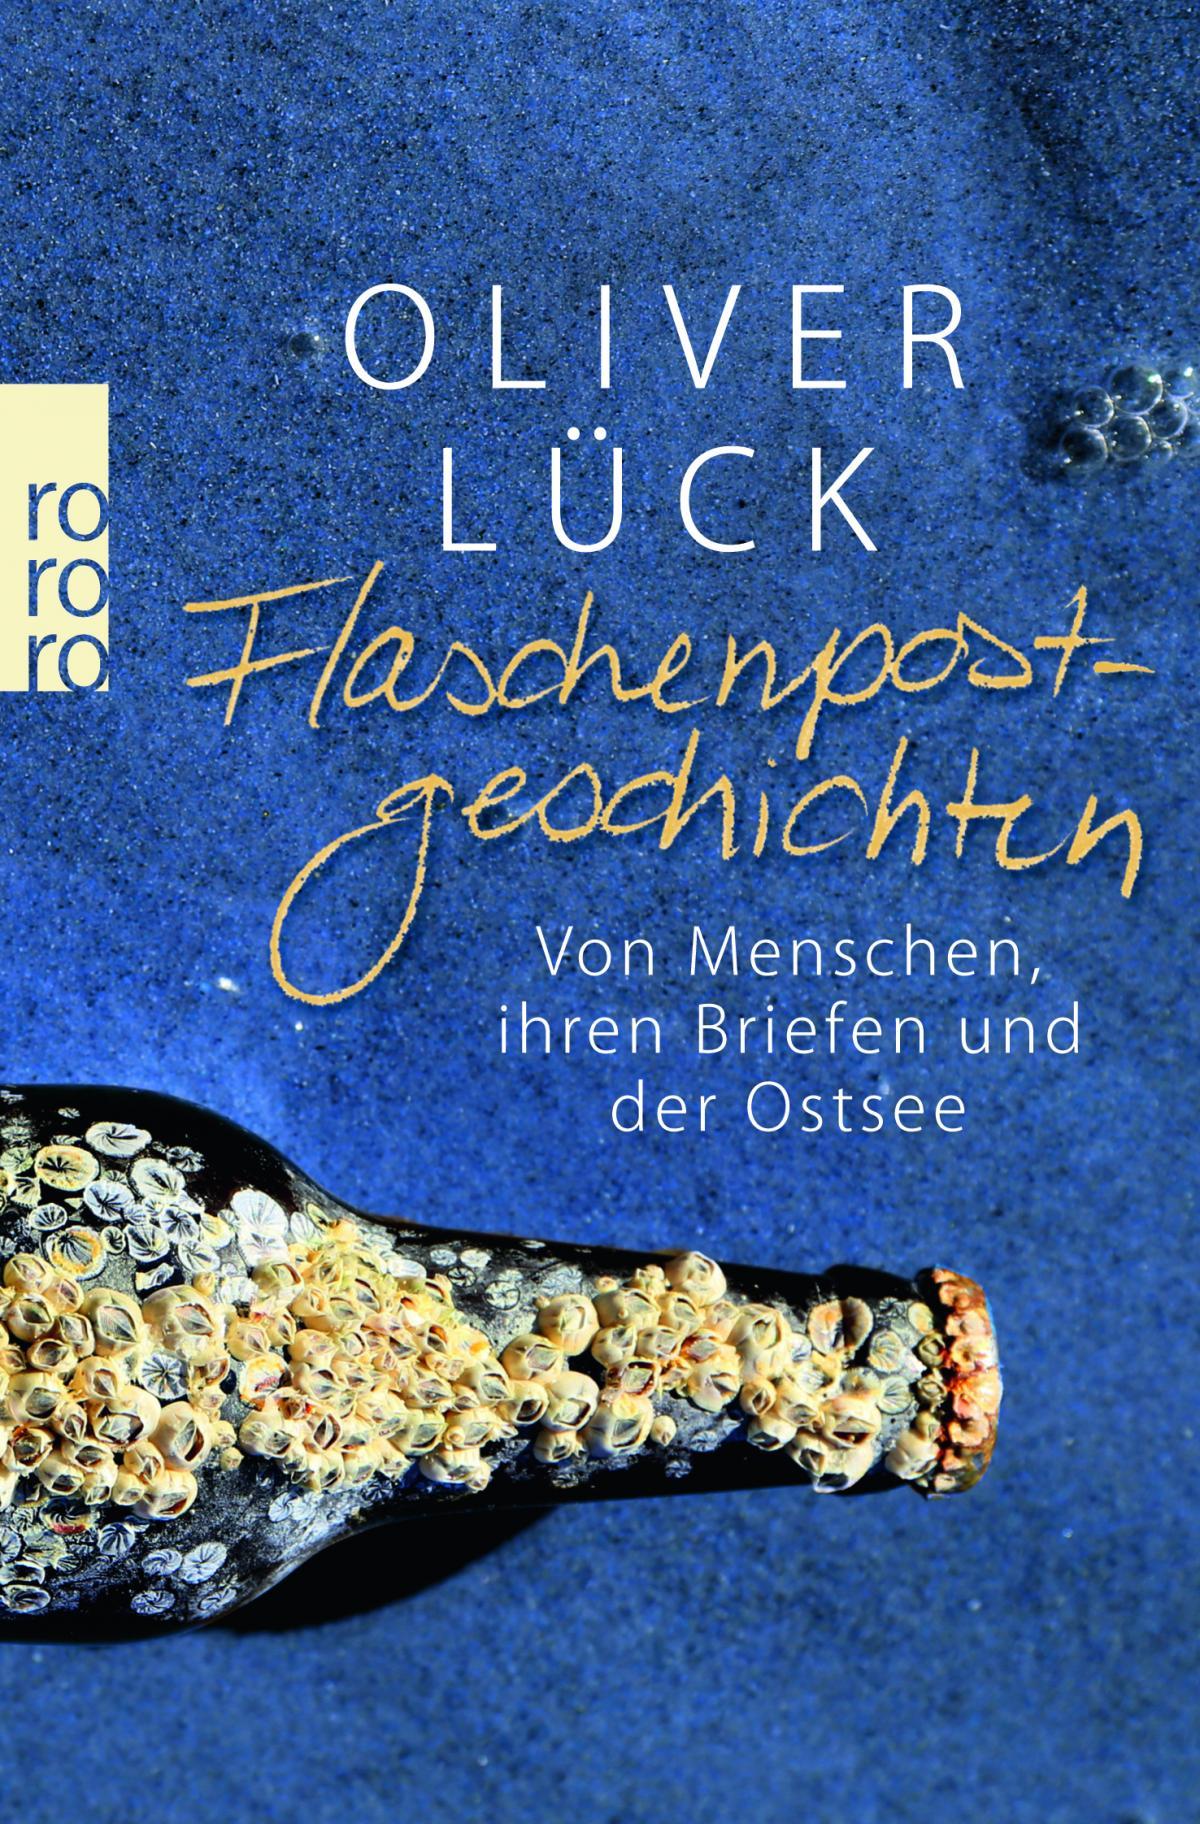 Oliver Lück Flaschenpostgeschichten COVER  © Rowohlt Verlag